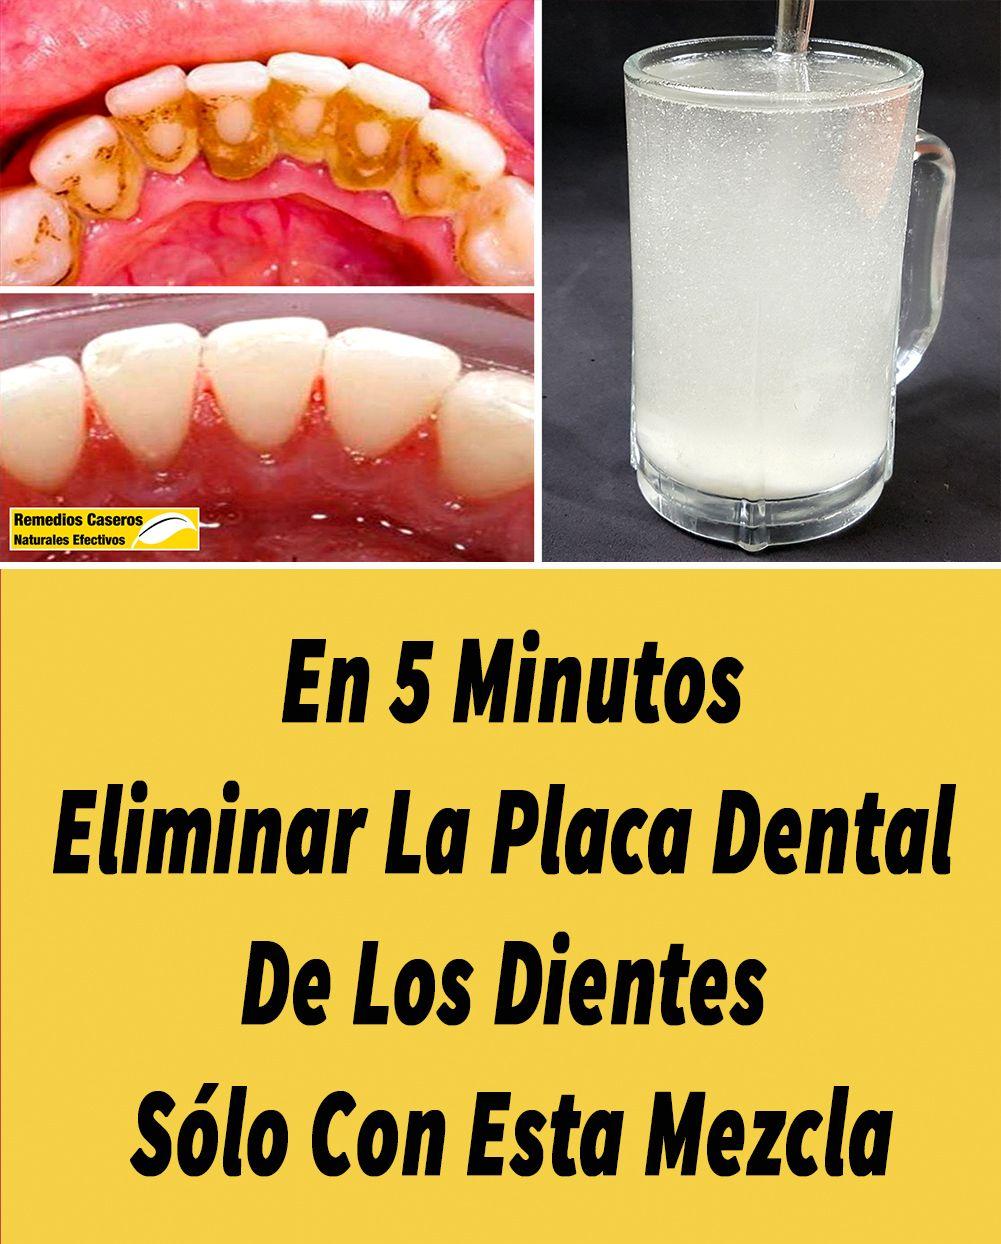 En 5 Minutos Eliminar La Placa Dental De Los Dientes Sólo Con Esta Mezcla Placas Dentales Limpiar Dientes Eliminar Sarro Dientes